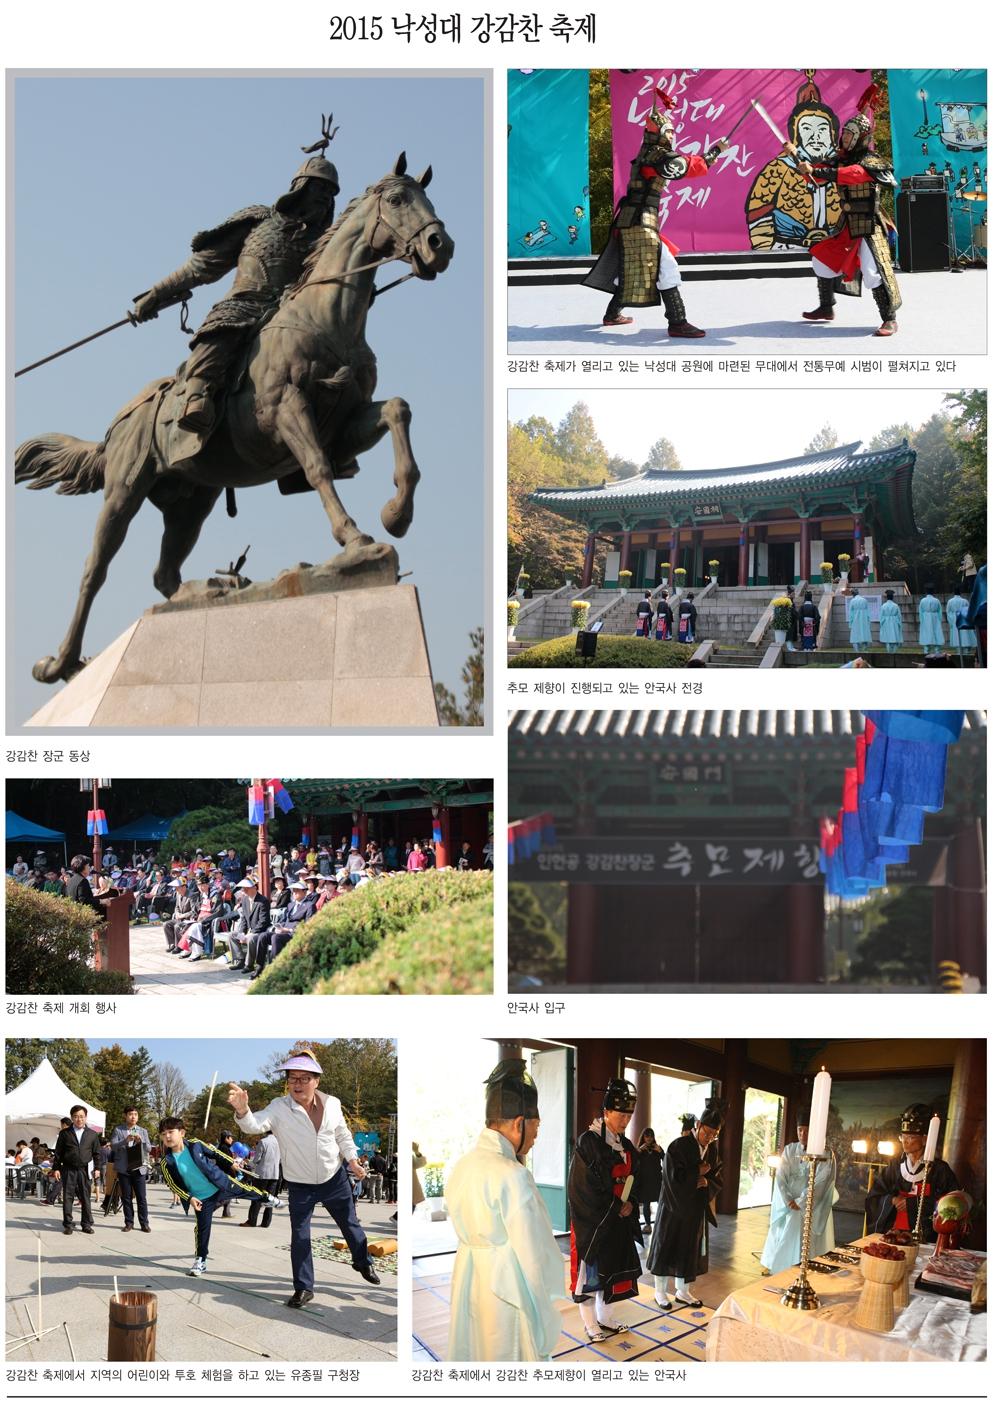 <2015 낙성대 강감찬 축제> '낙성대 인헌제'에서 명칭 변경하고 확대 개최해